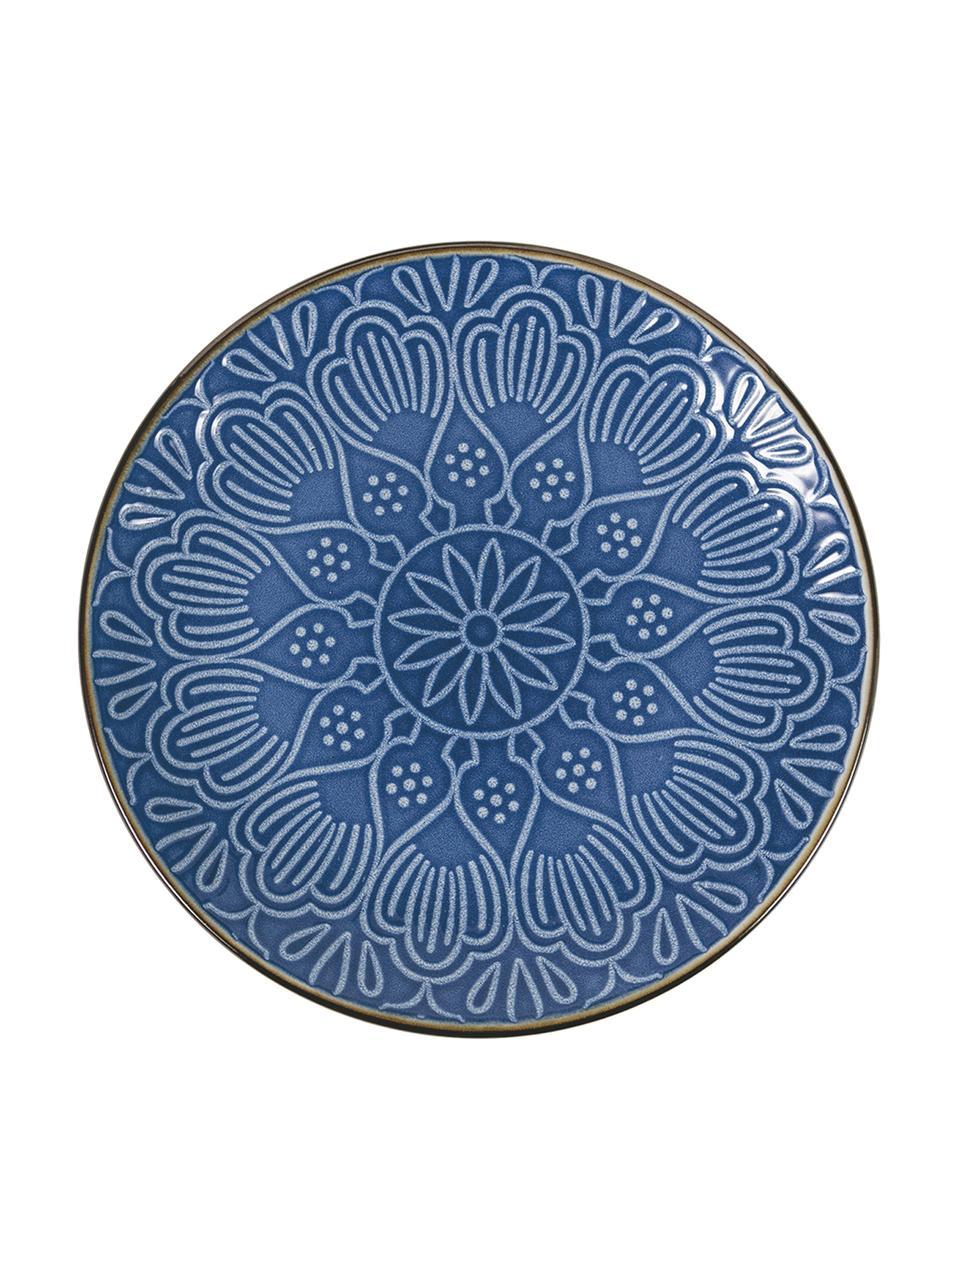 Komplet naczyń Baku, 18 elem., Ceramika, Niebieski, Komplet z różnymi rozmiarami